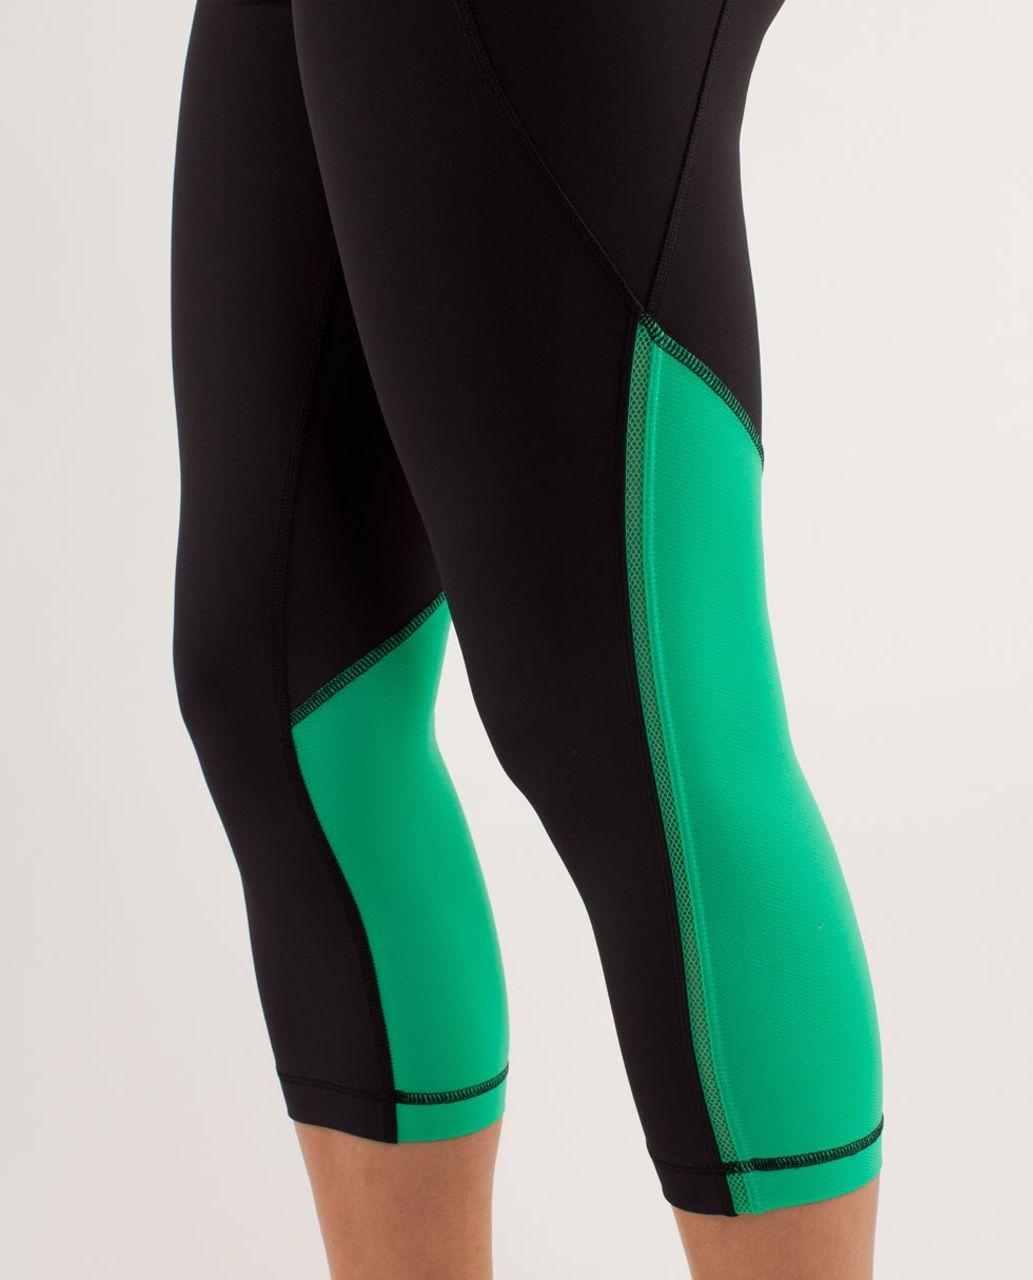 Lululemon Beach Runner Crop - Black / Very Green / Wee Are From Space Fresh Teal